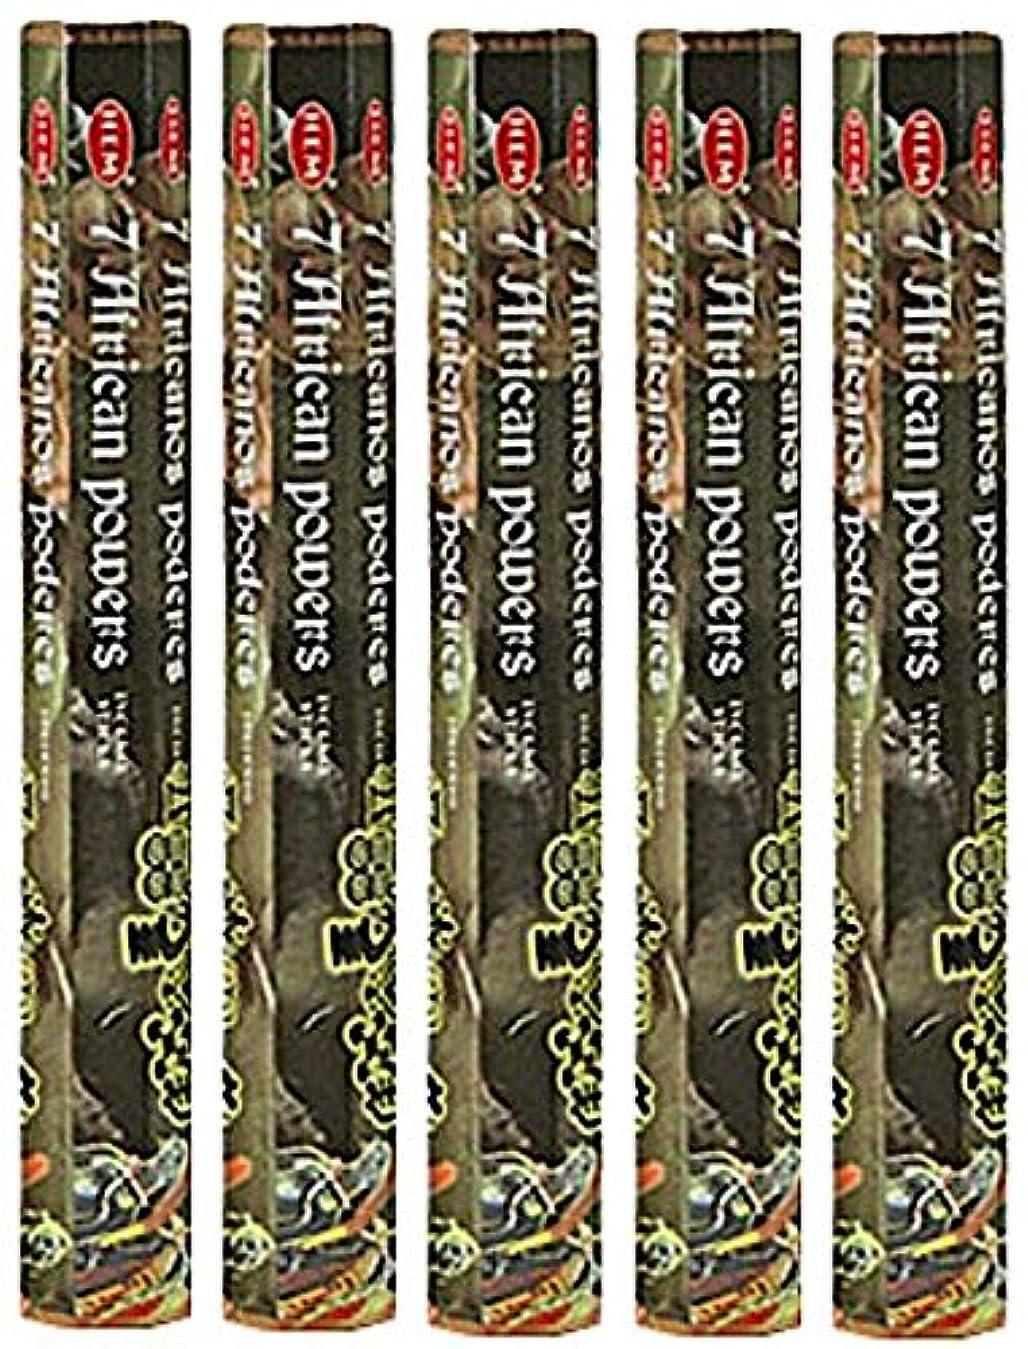 要求責任者コインランドリーHem 7 African Powers 100 Incense Sticks ( 5 x 20スティックパック)